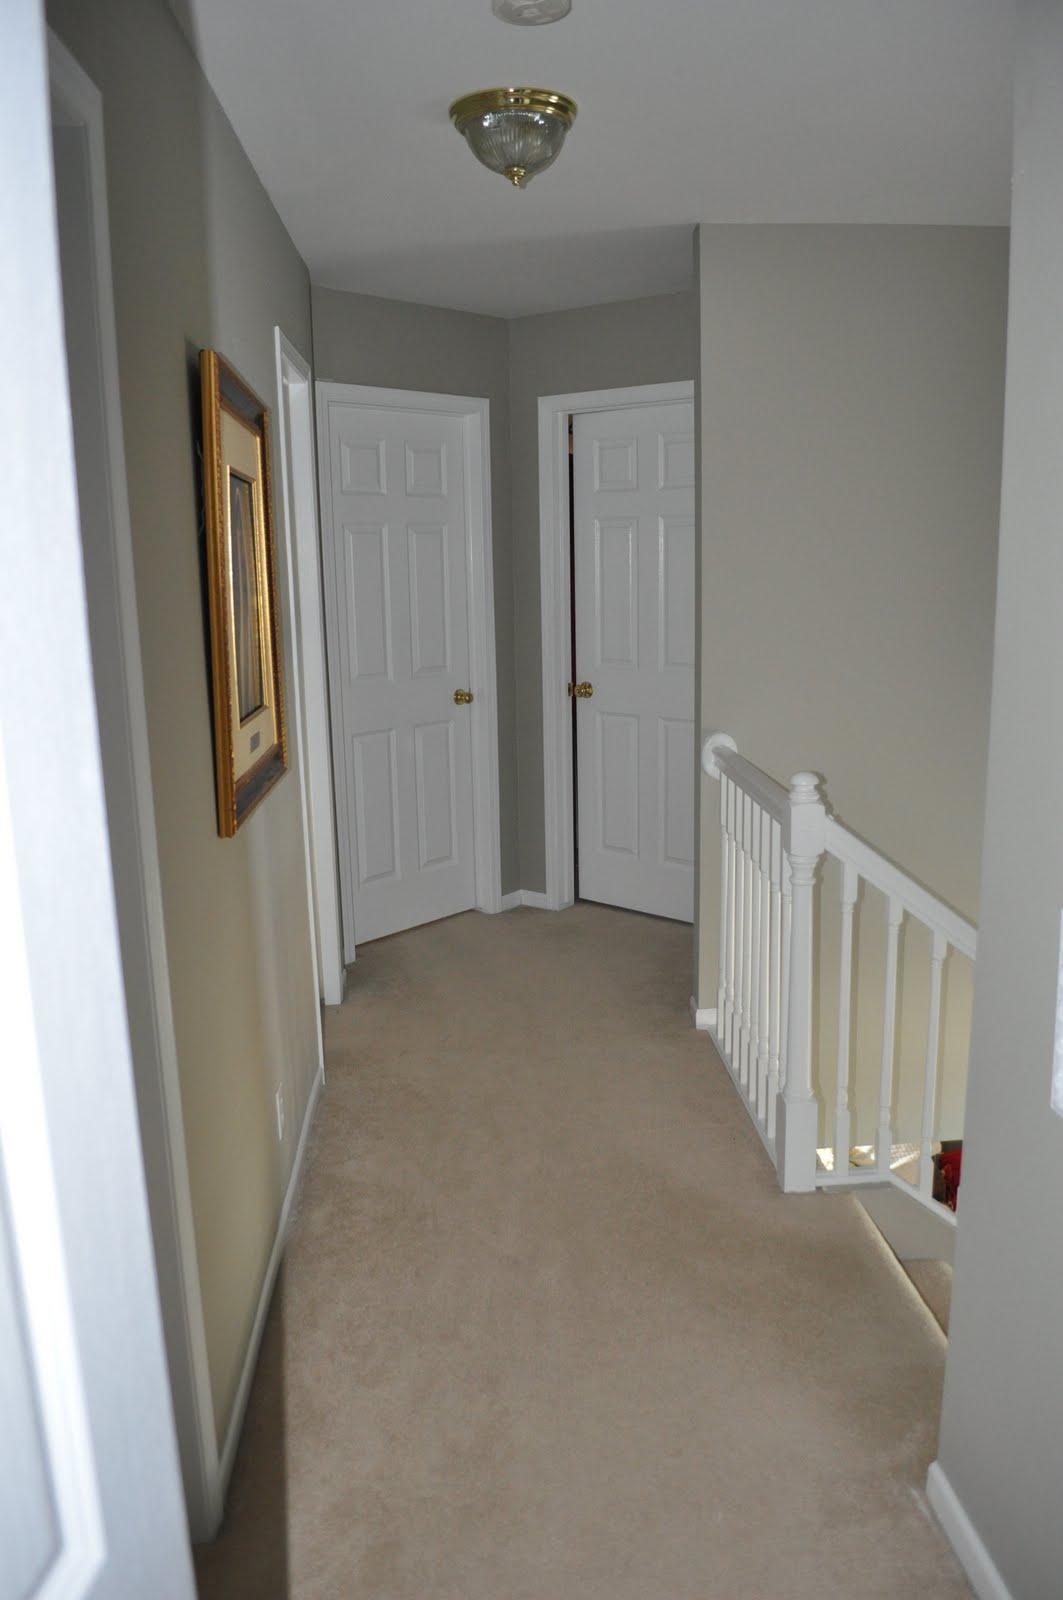 Sugartotdesigns painting trim and doors white - Painting interior doors and trim ...